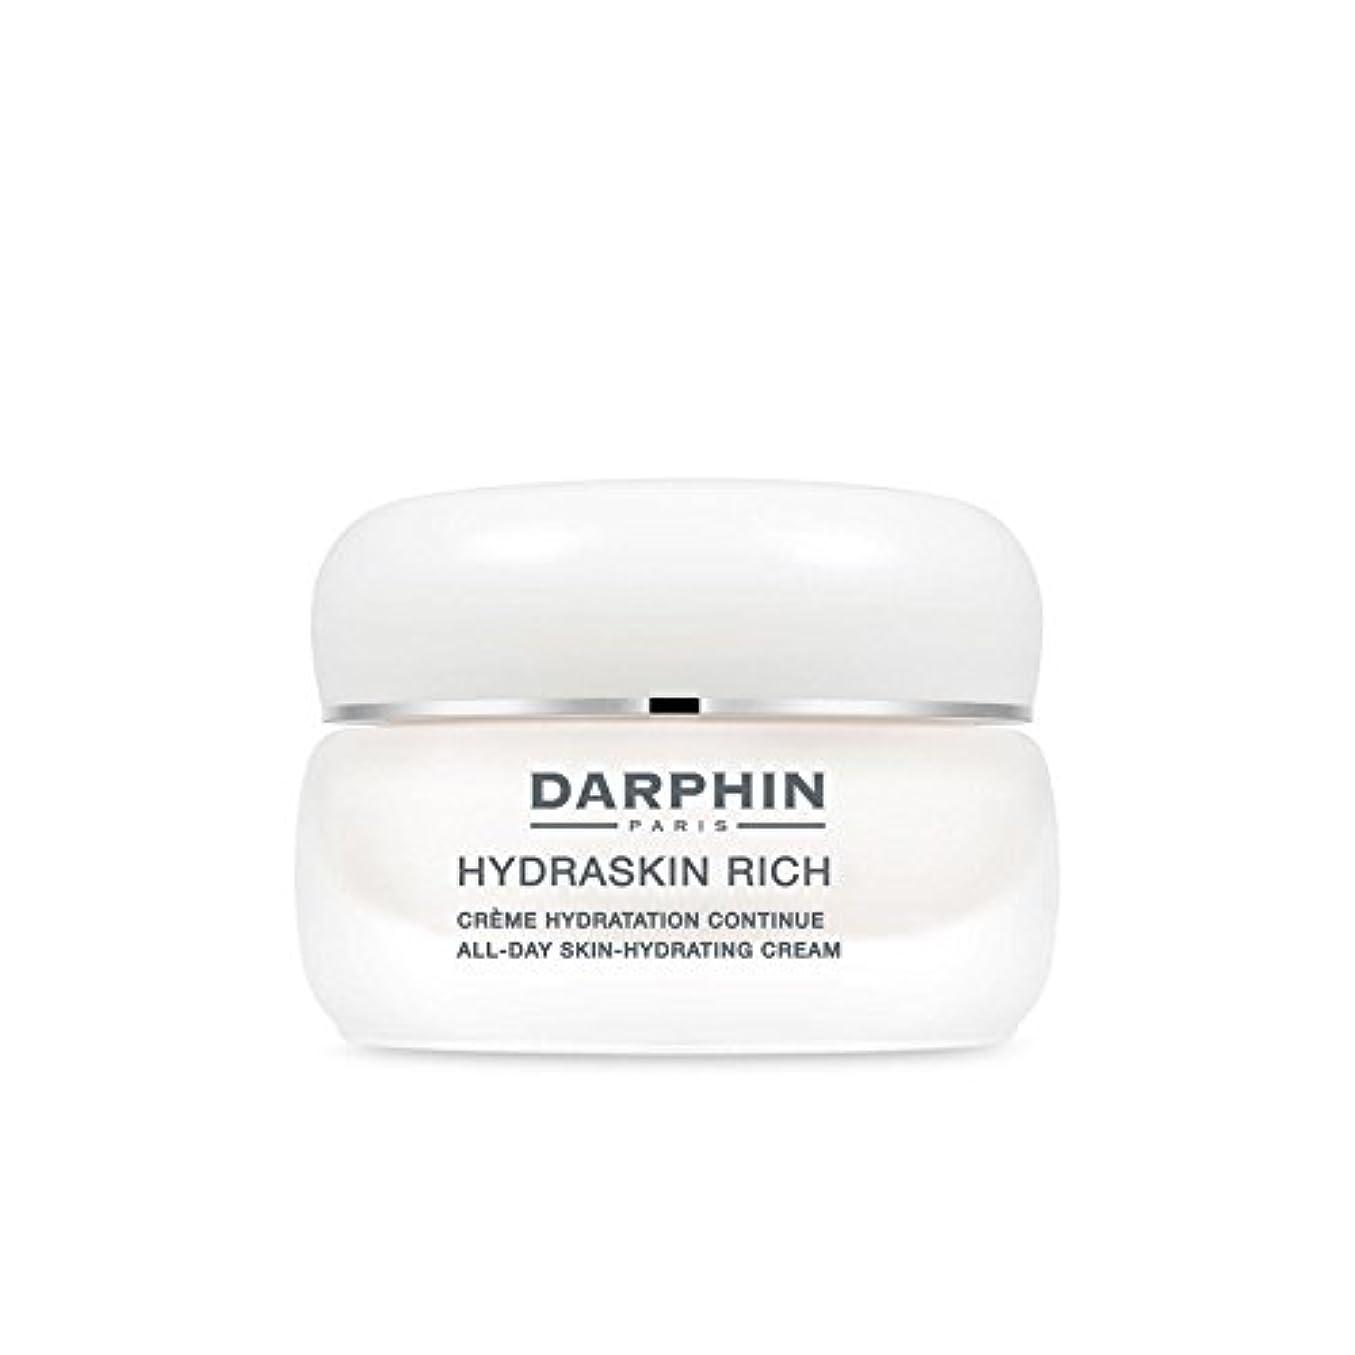 持続するメトロポリタンファイアルDarphin Hydraskin Rich -Protective Moisturising Cream (50ml) - 豊富 - 保護保湿クリーム(50)にダルファン [並行輸入品]